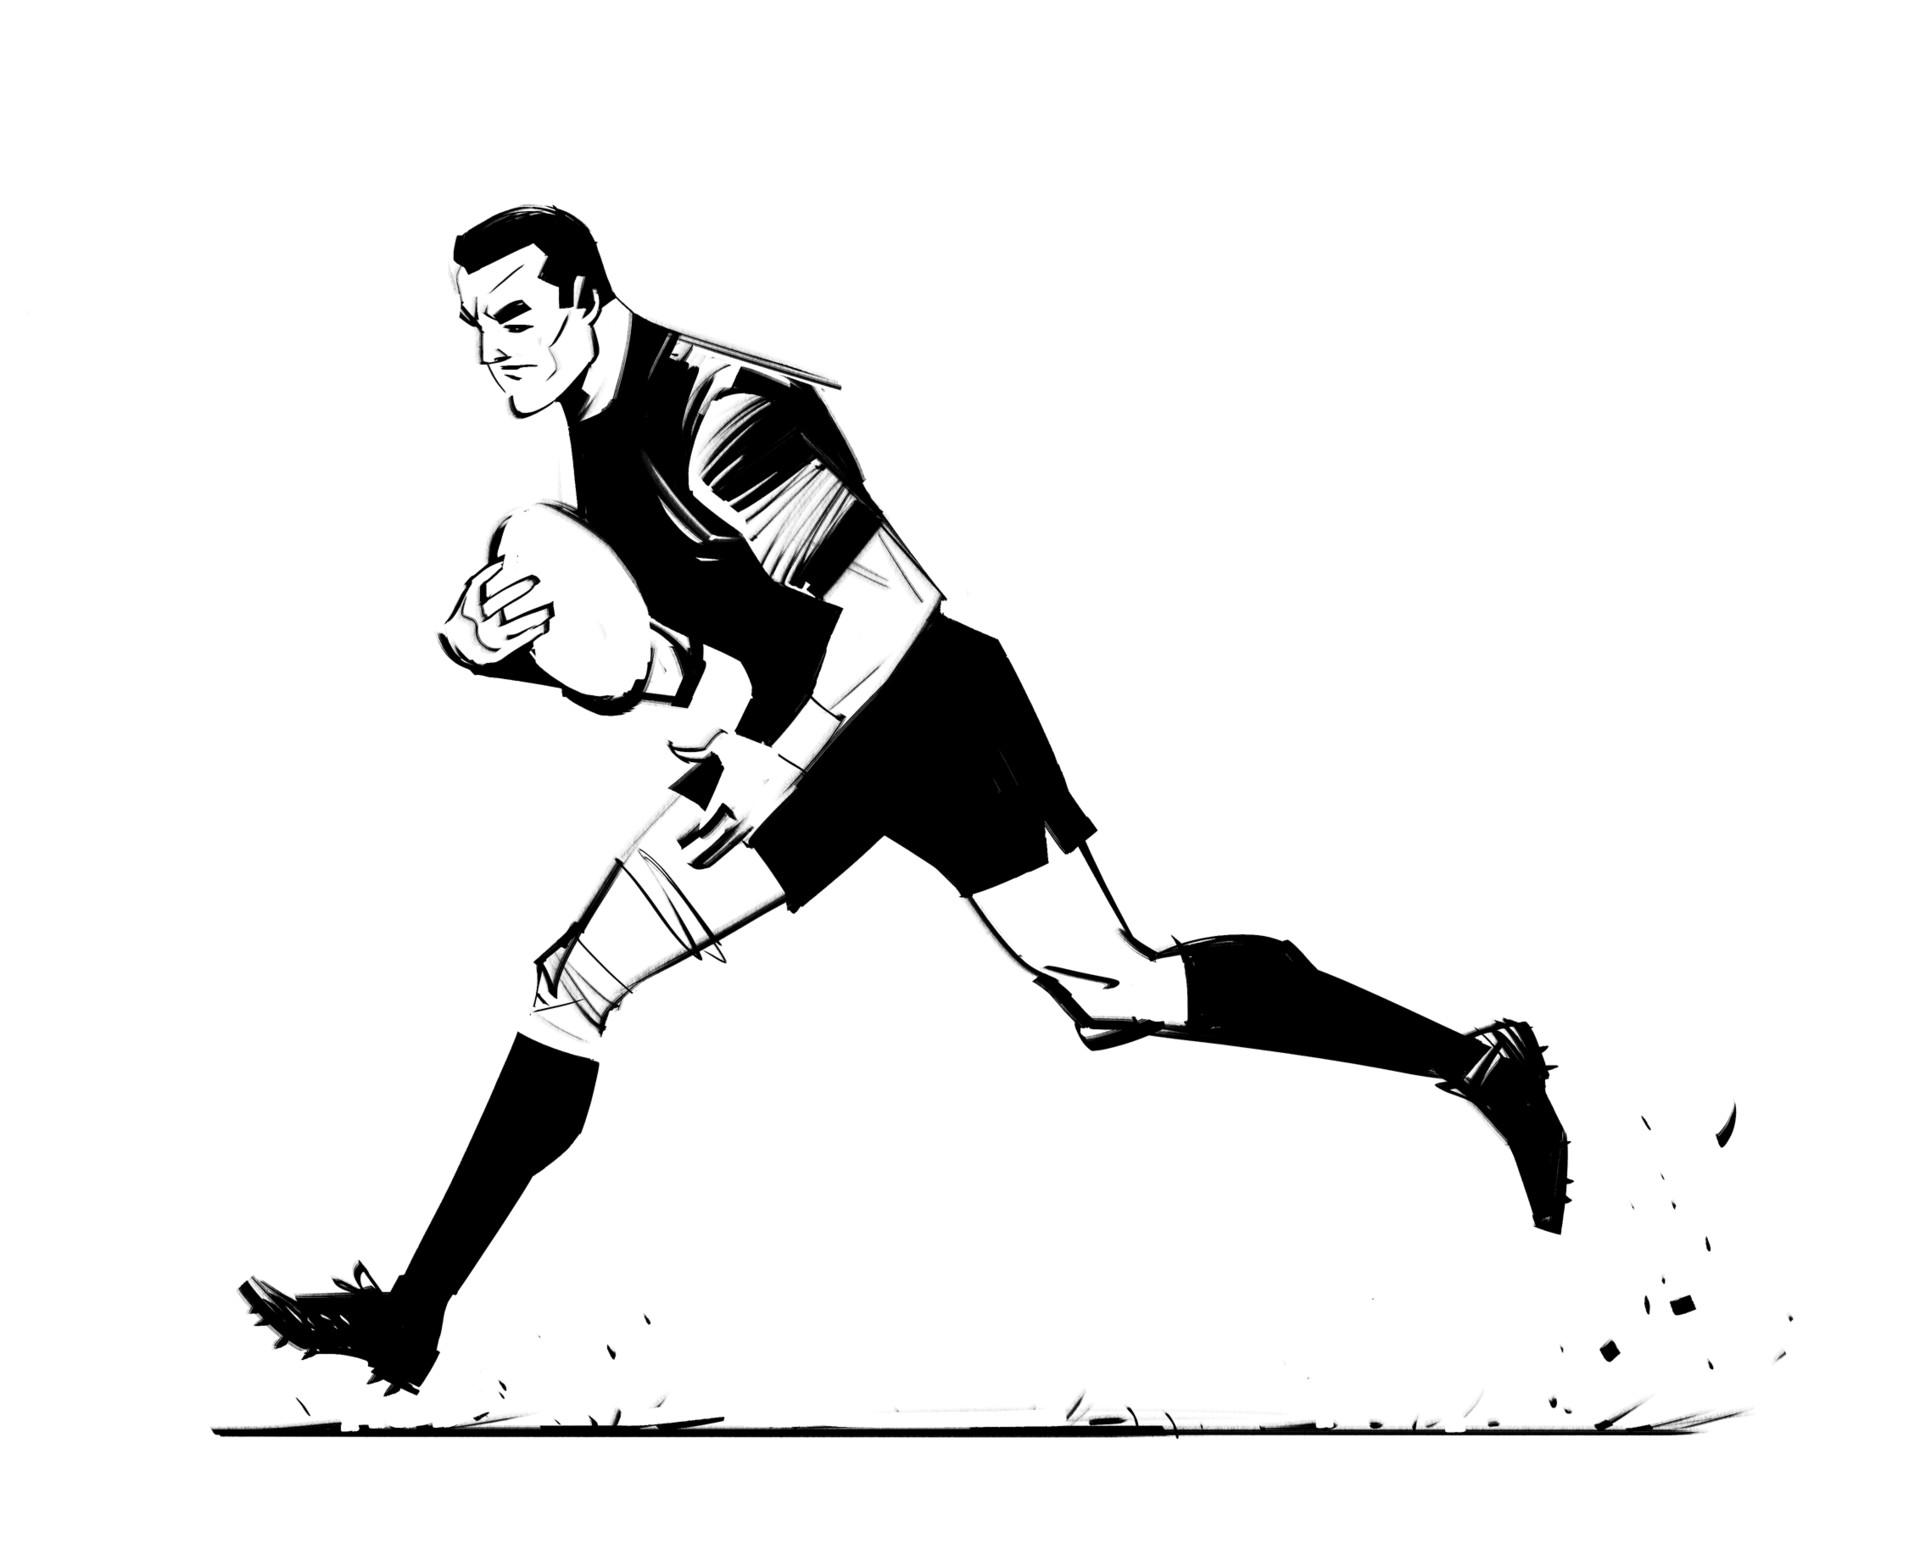 Renaud roche sketches01